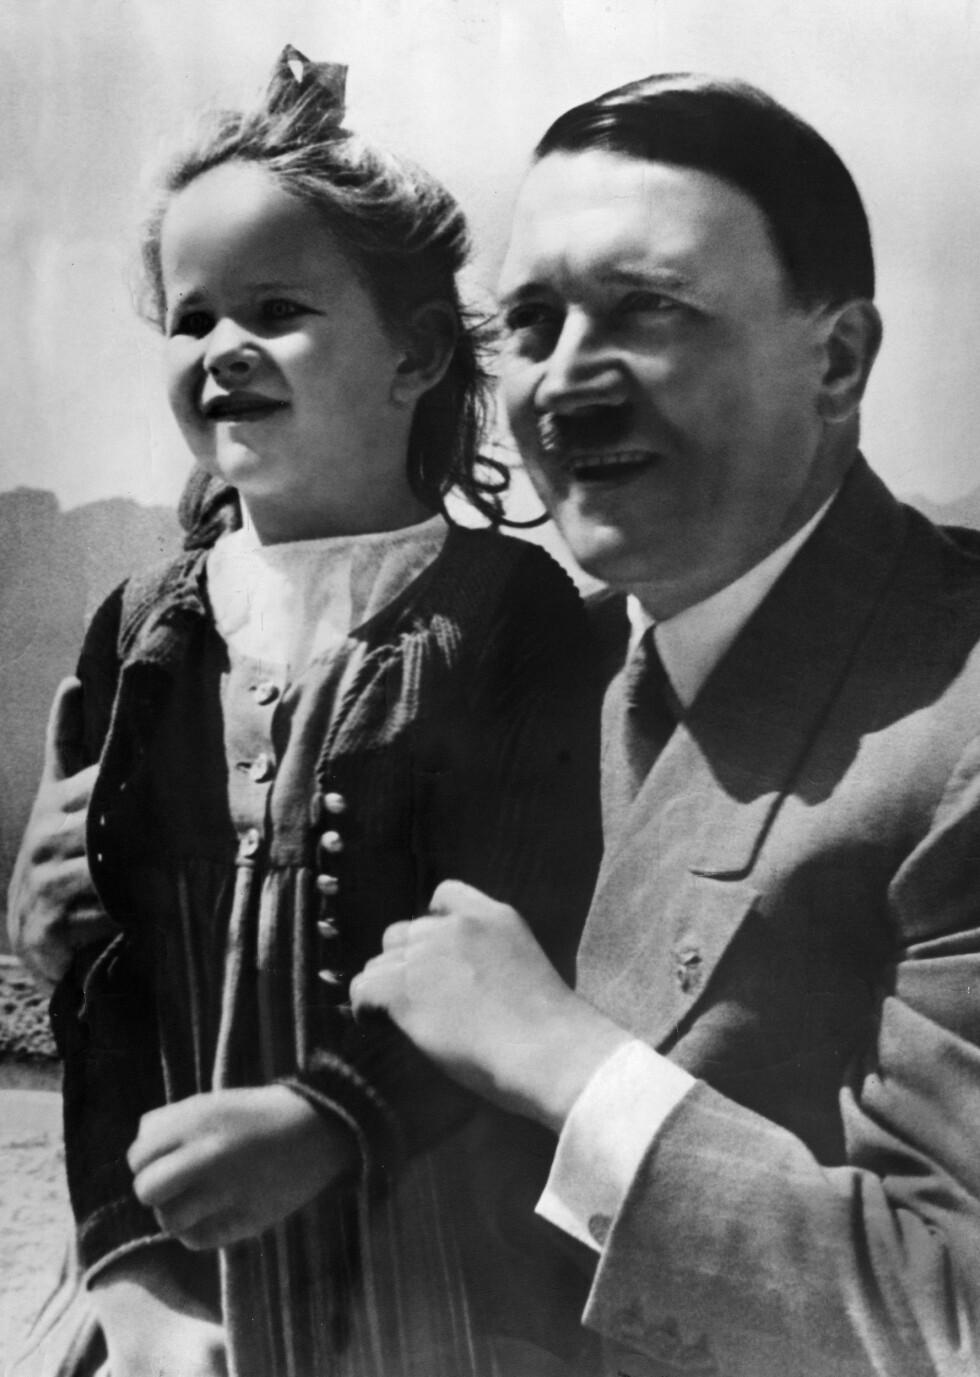 BARNEKJÆR: For rikskansler Adolf Hitler hadde barna stor betydning - og de skulle helst være ariske og hjernevasket til å tjene Det tredje riket. Dette bildet er tatt på 30-tallet og viser Hitler med en ukjent, liten jente. Foto: NTB Scanpix